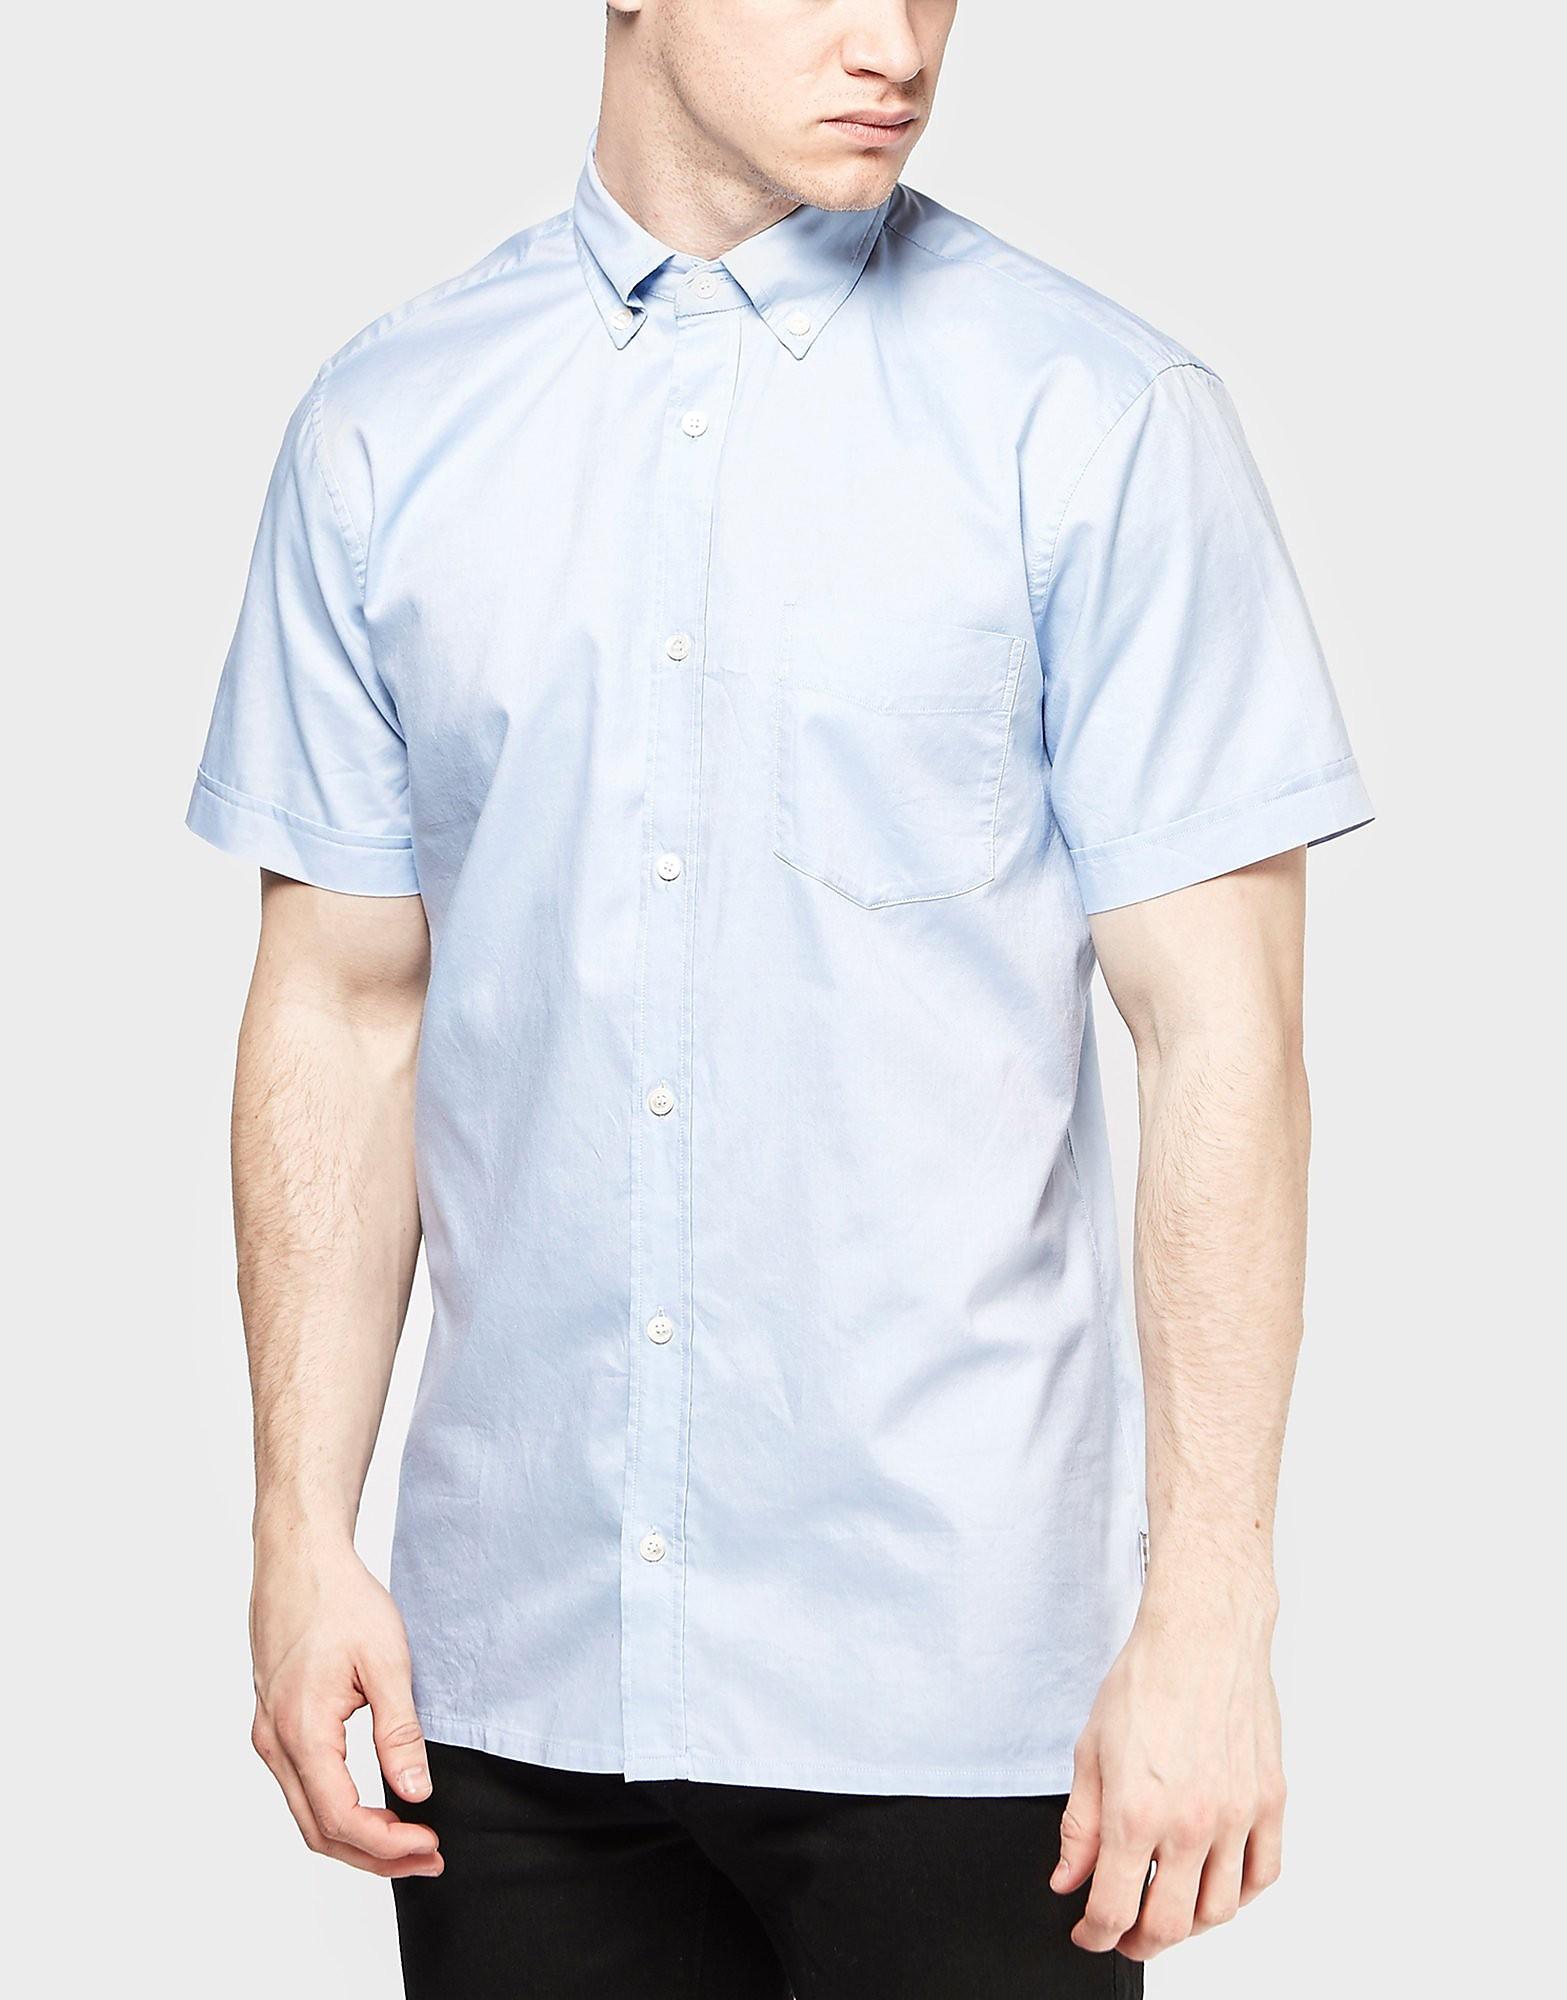 Aquascutum Ashford Oxford Shirt